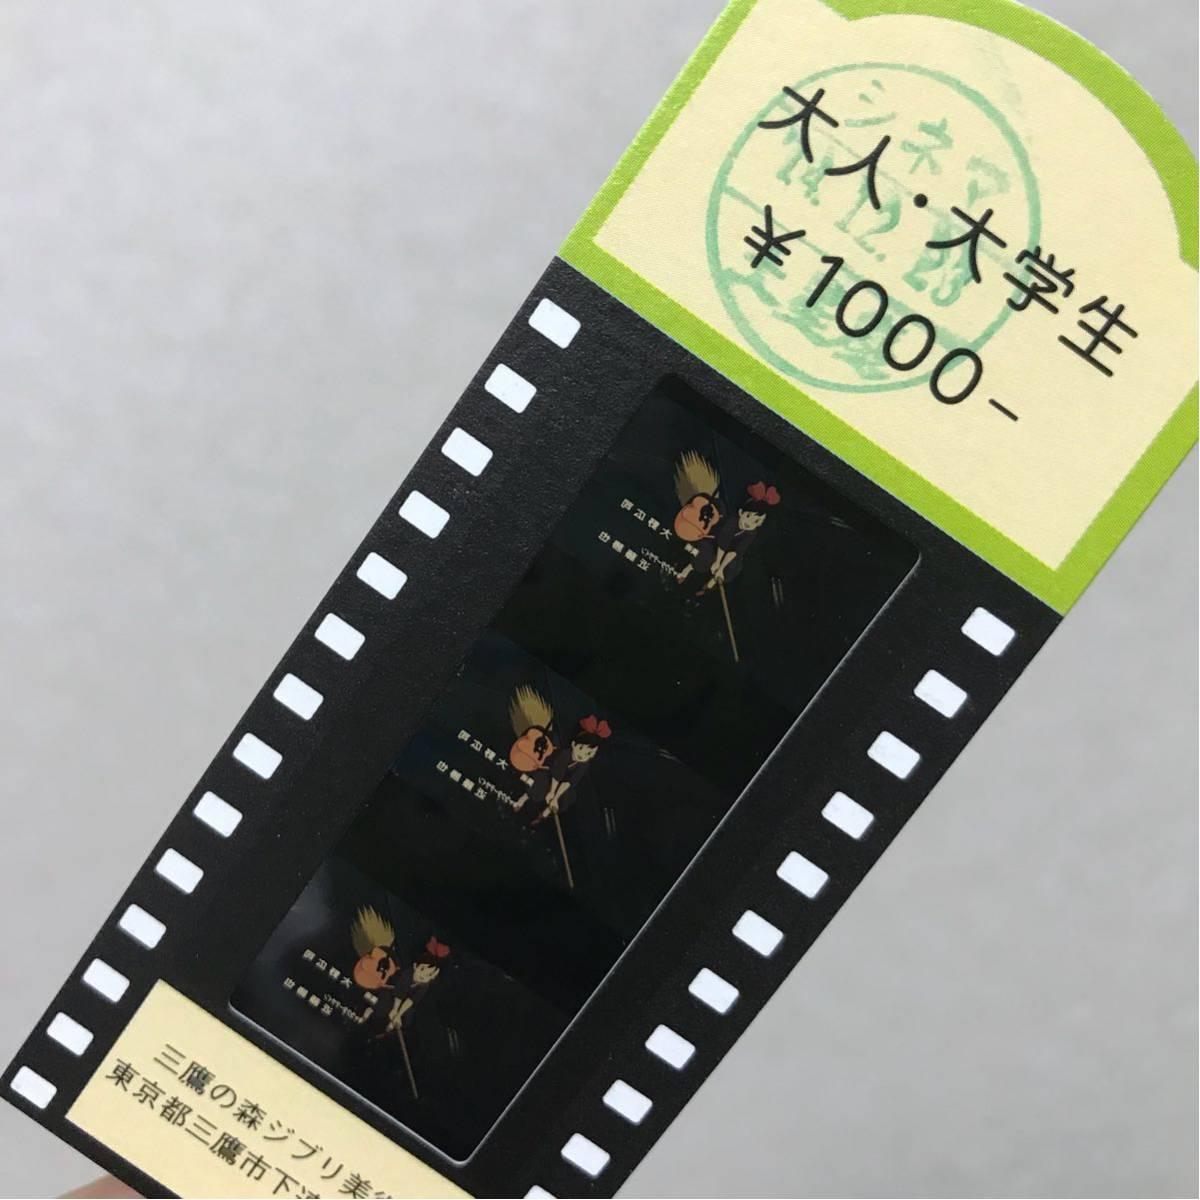 三鷹の森 ジブリ美術館 フィルム 入場券●魔女の宅急便 エンドロール_画像2